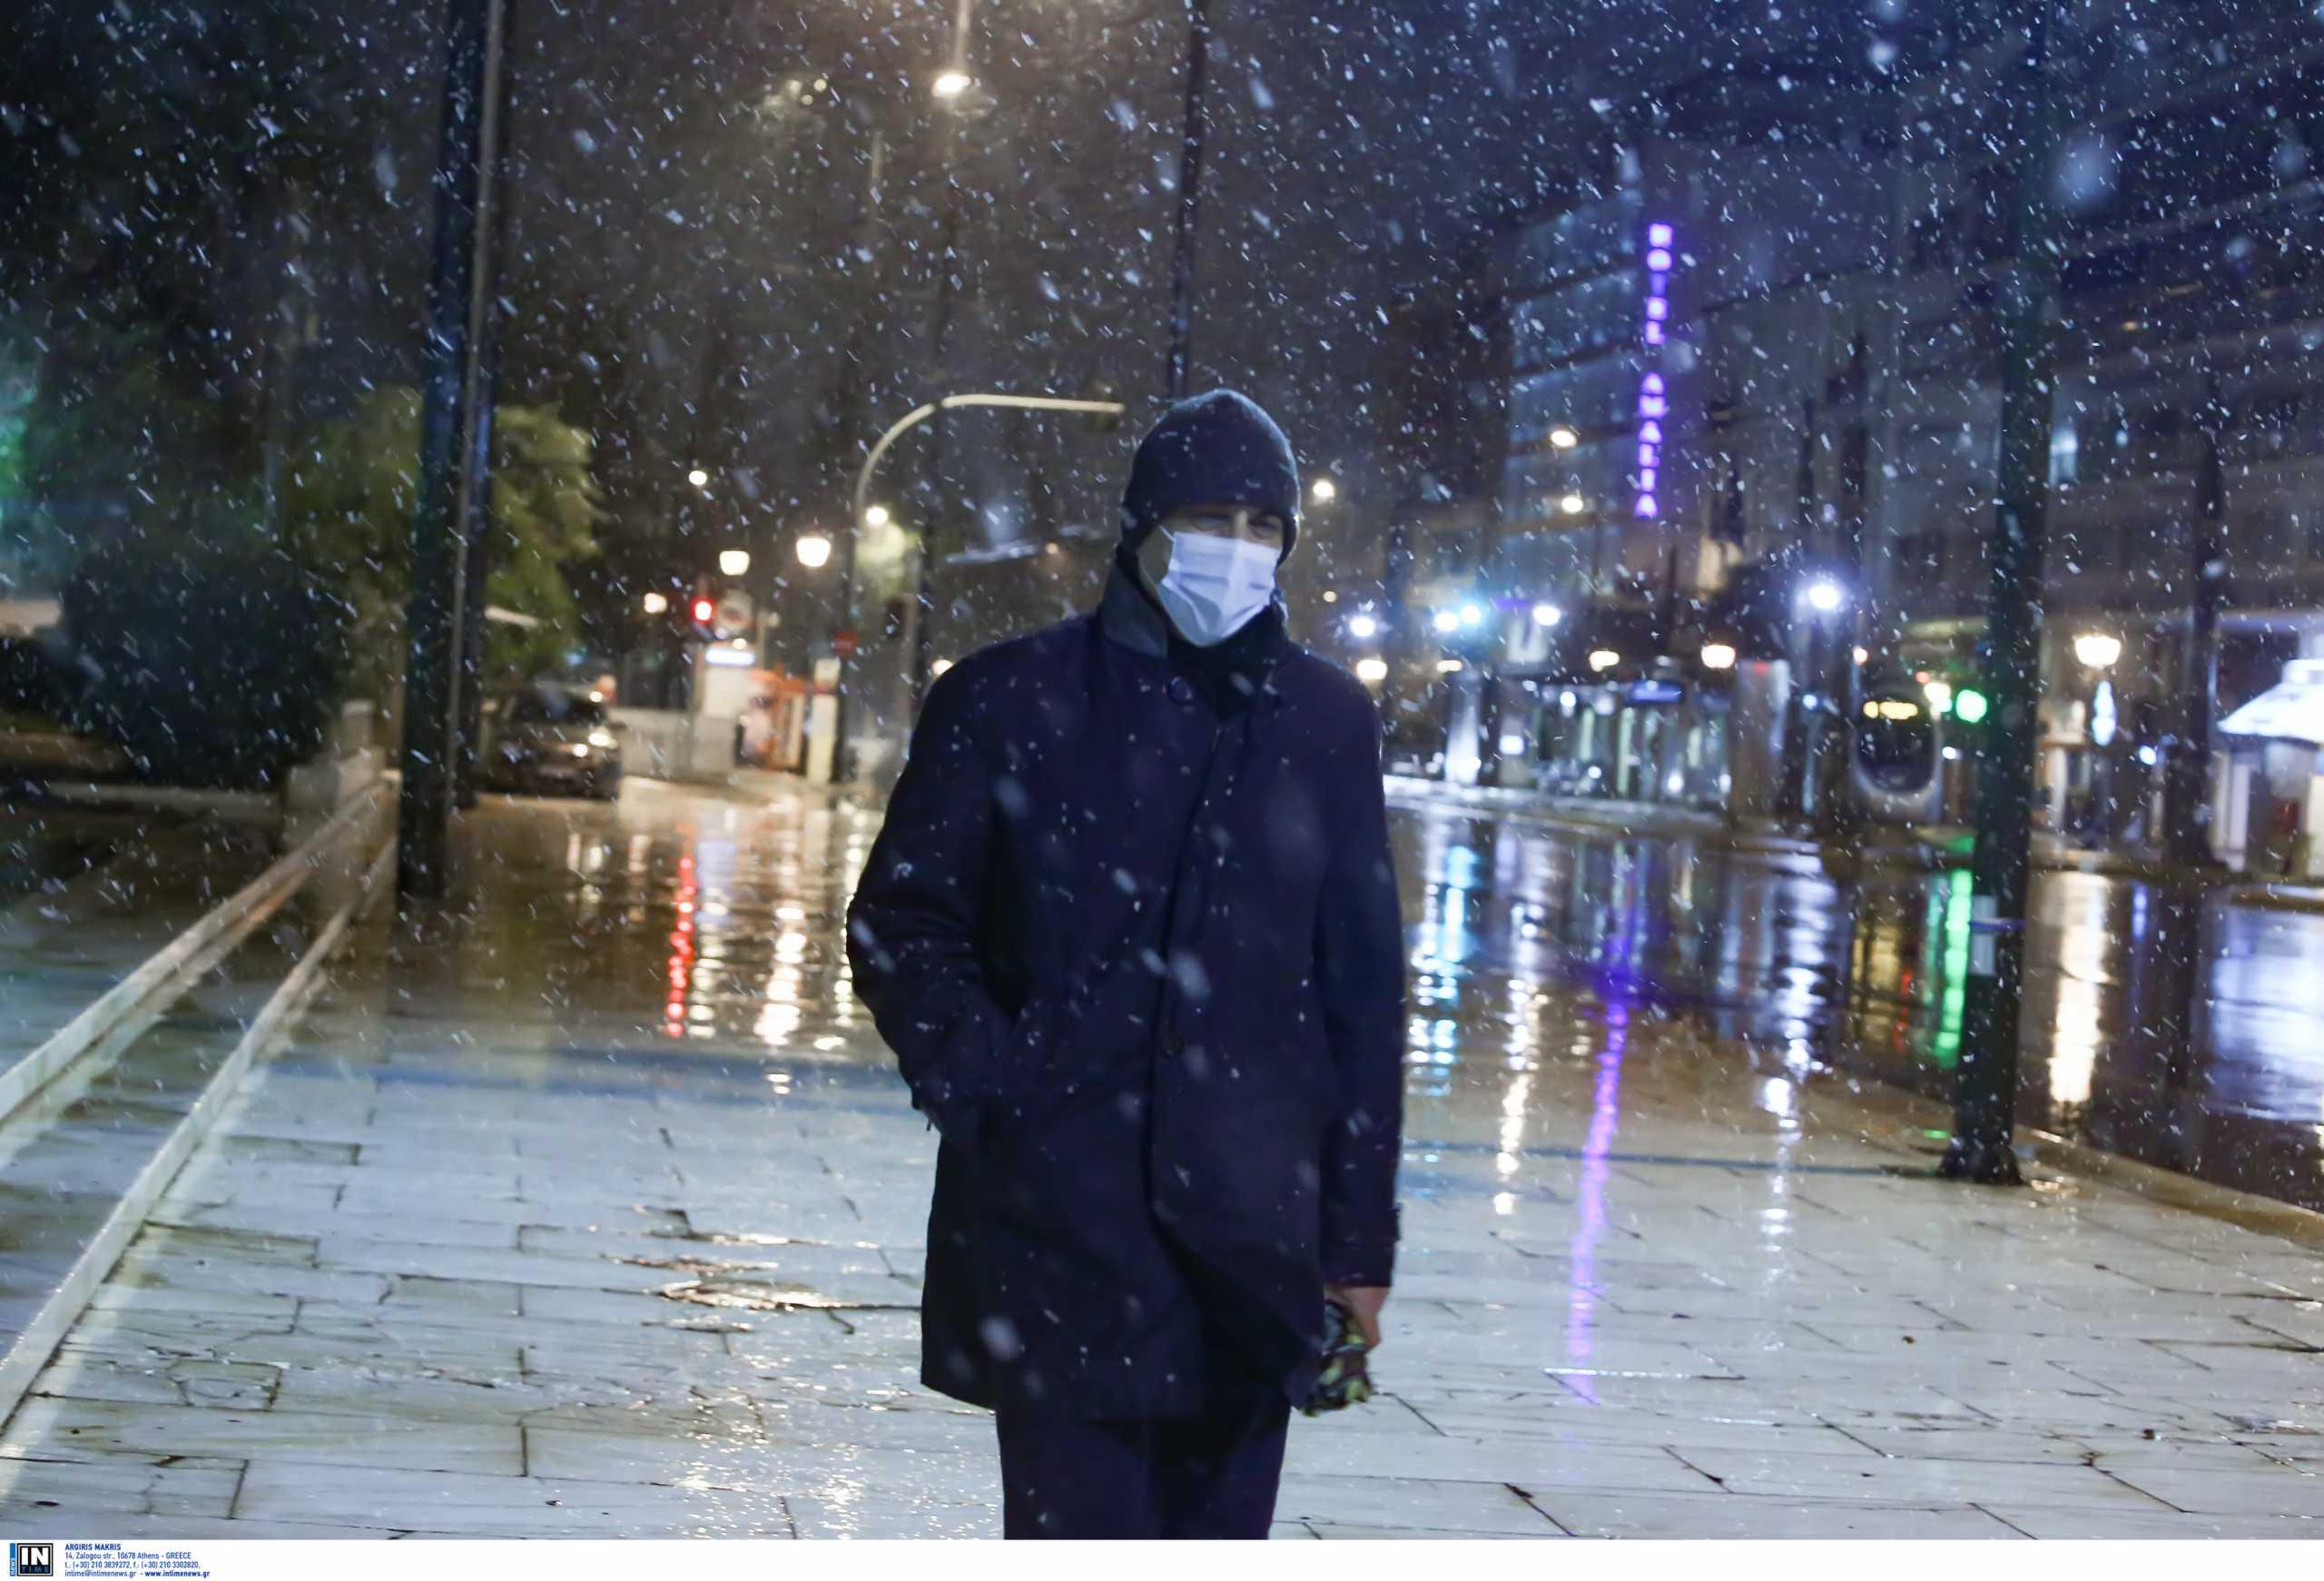 Καιρός – Καλλιάνος: «Χτυπά» την Αθήνα η «Μήδεια» – Σε ποιες περιοχές χιονίζει